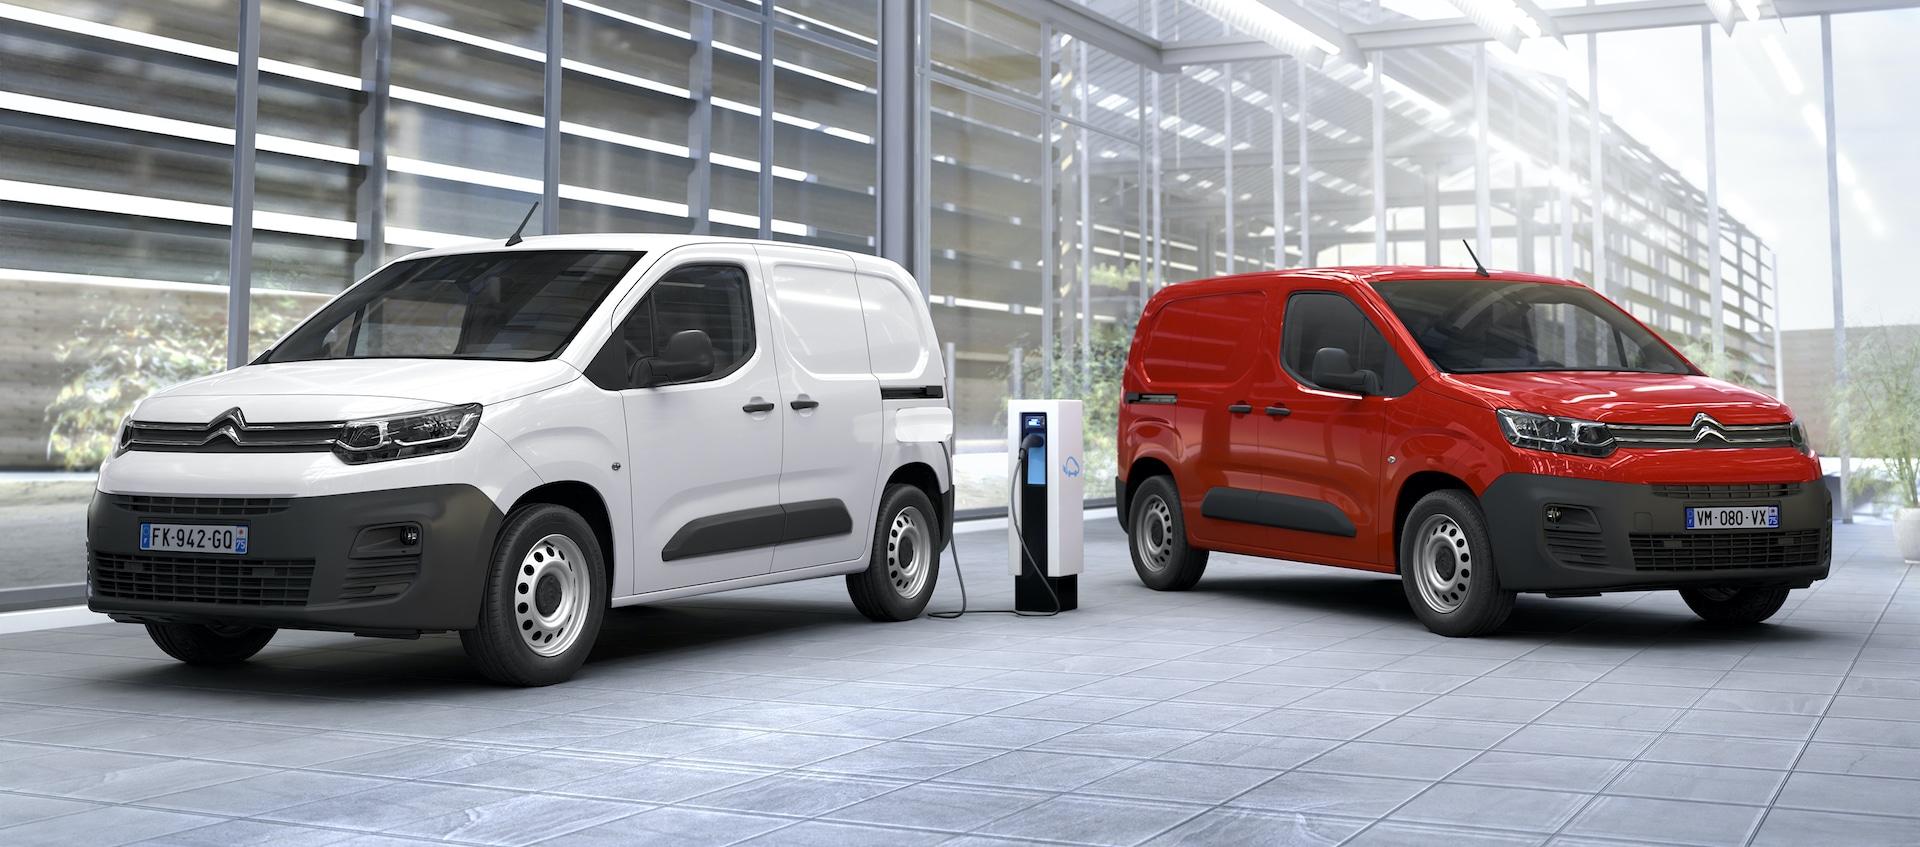 Citroën-ë-Berlingo-Elektro-Kastenwagen-Laden